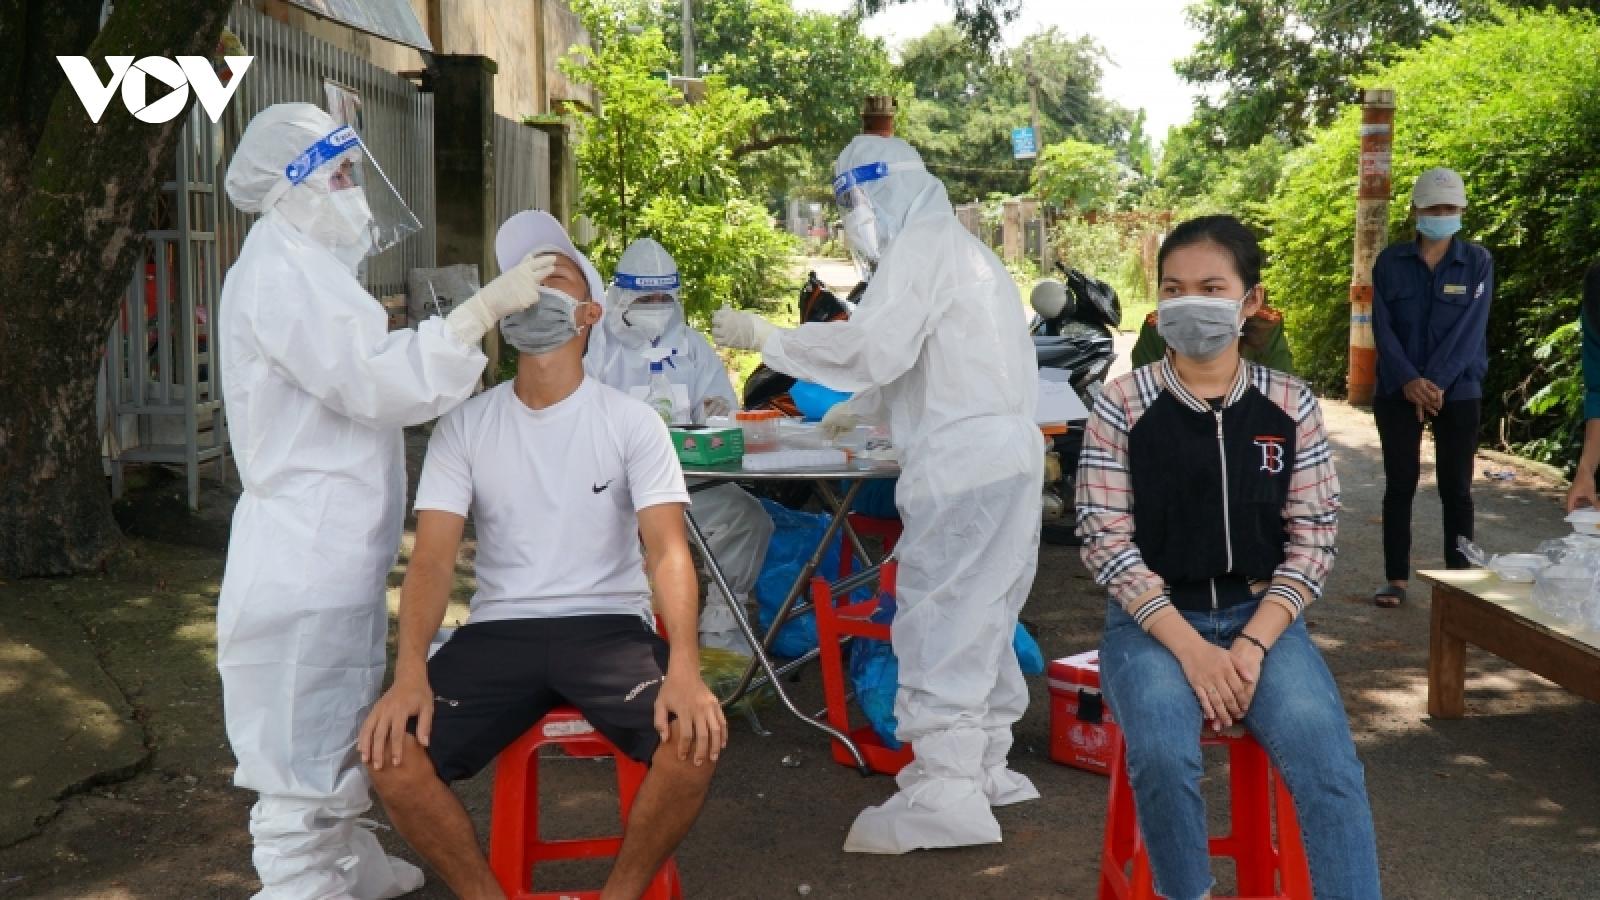 Thành phố Buôn Ma Thuột ghi nhận chùm ca bệnh Covid-19 chưa rõ nguồn lây